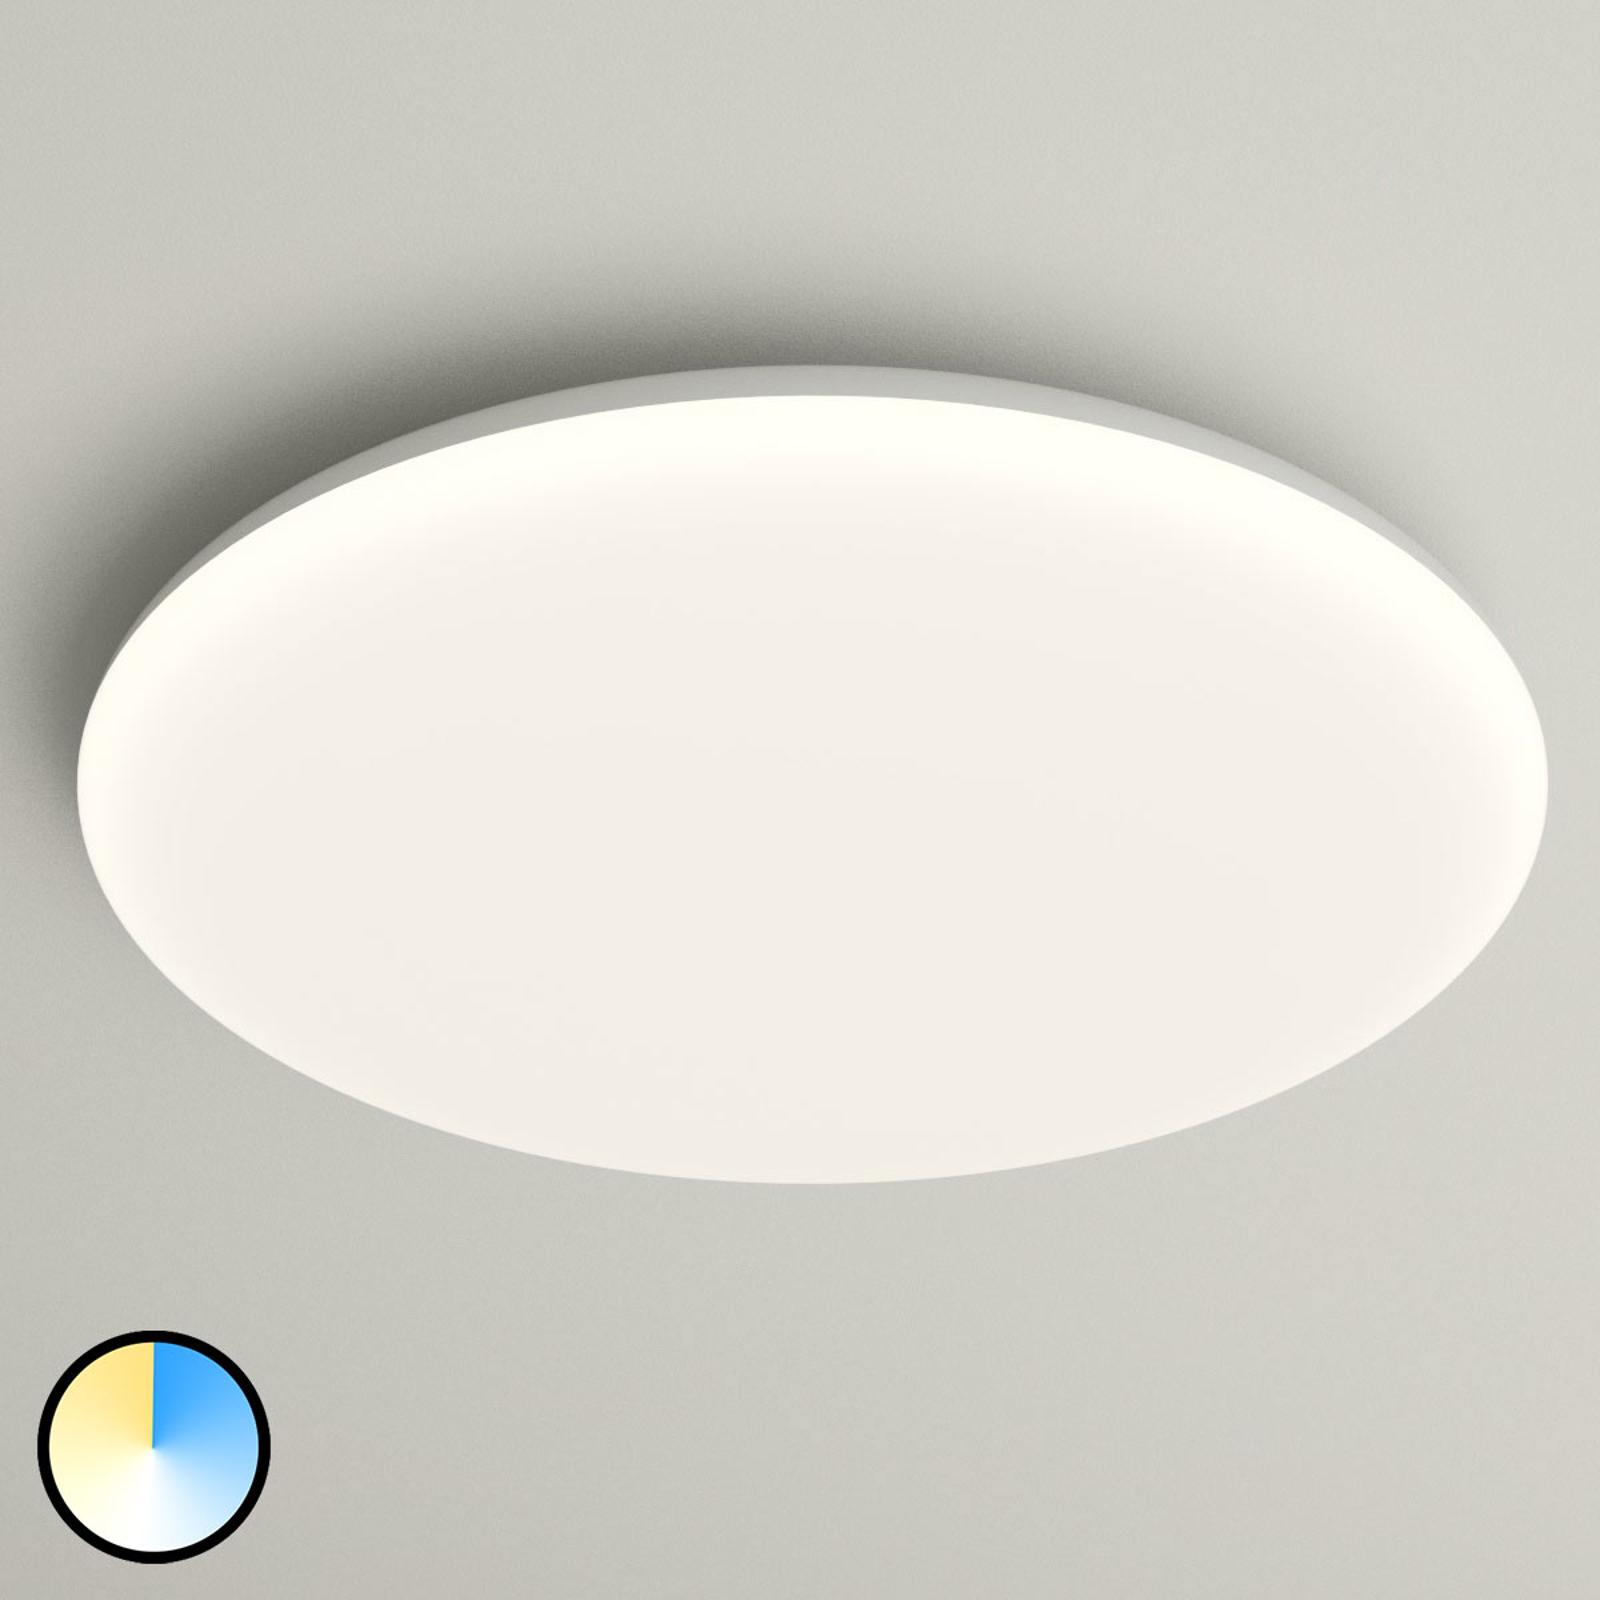 Lampa sufitowa LED Azra biała okrągła IP54 Ø 40 cm